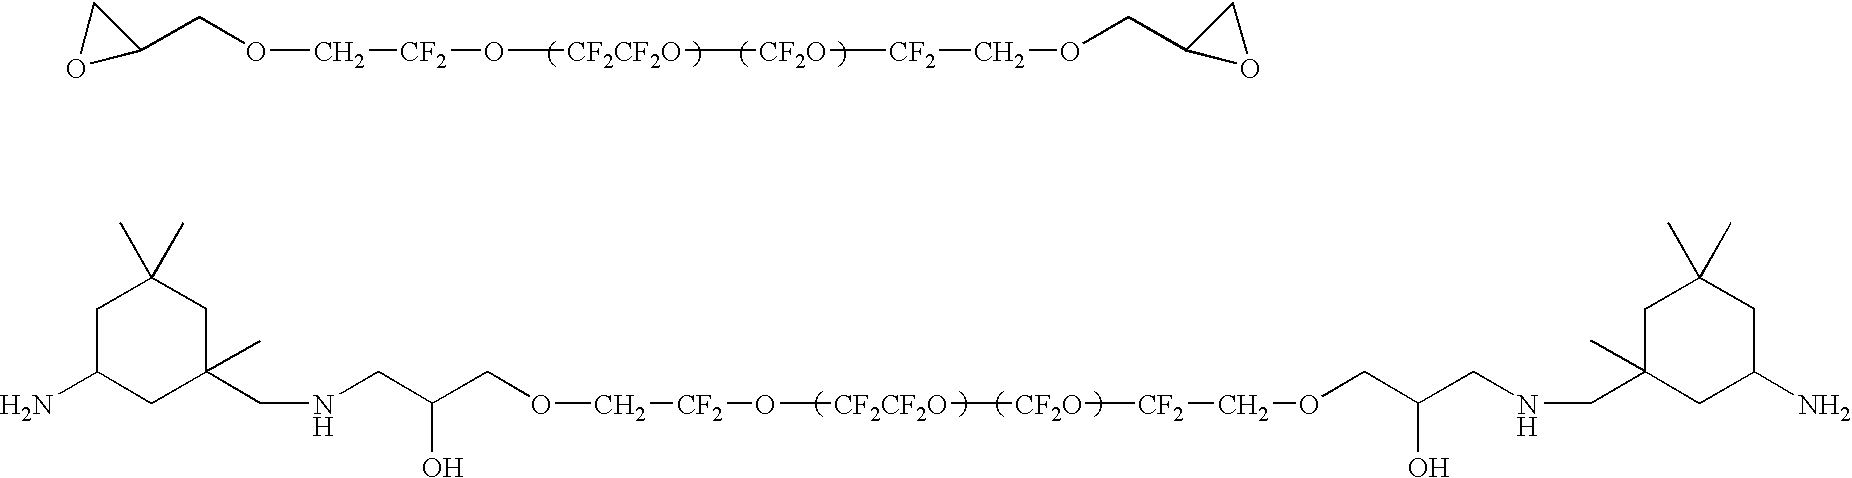 Figure US20080131692A1-20080605-C00040